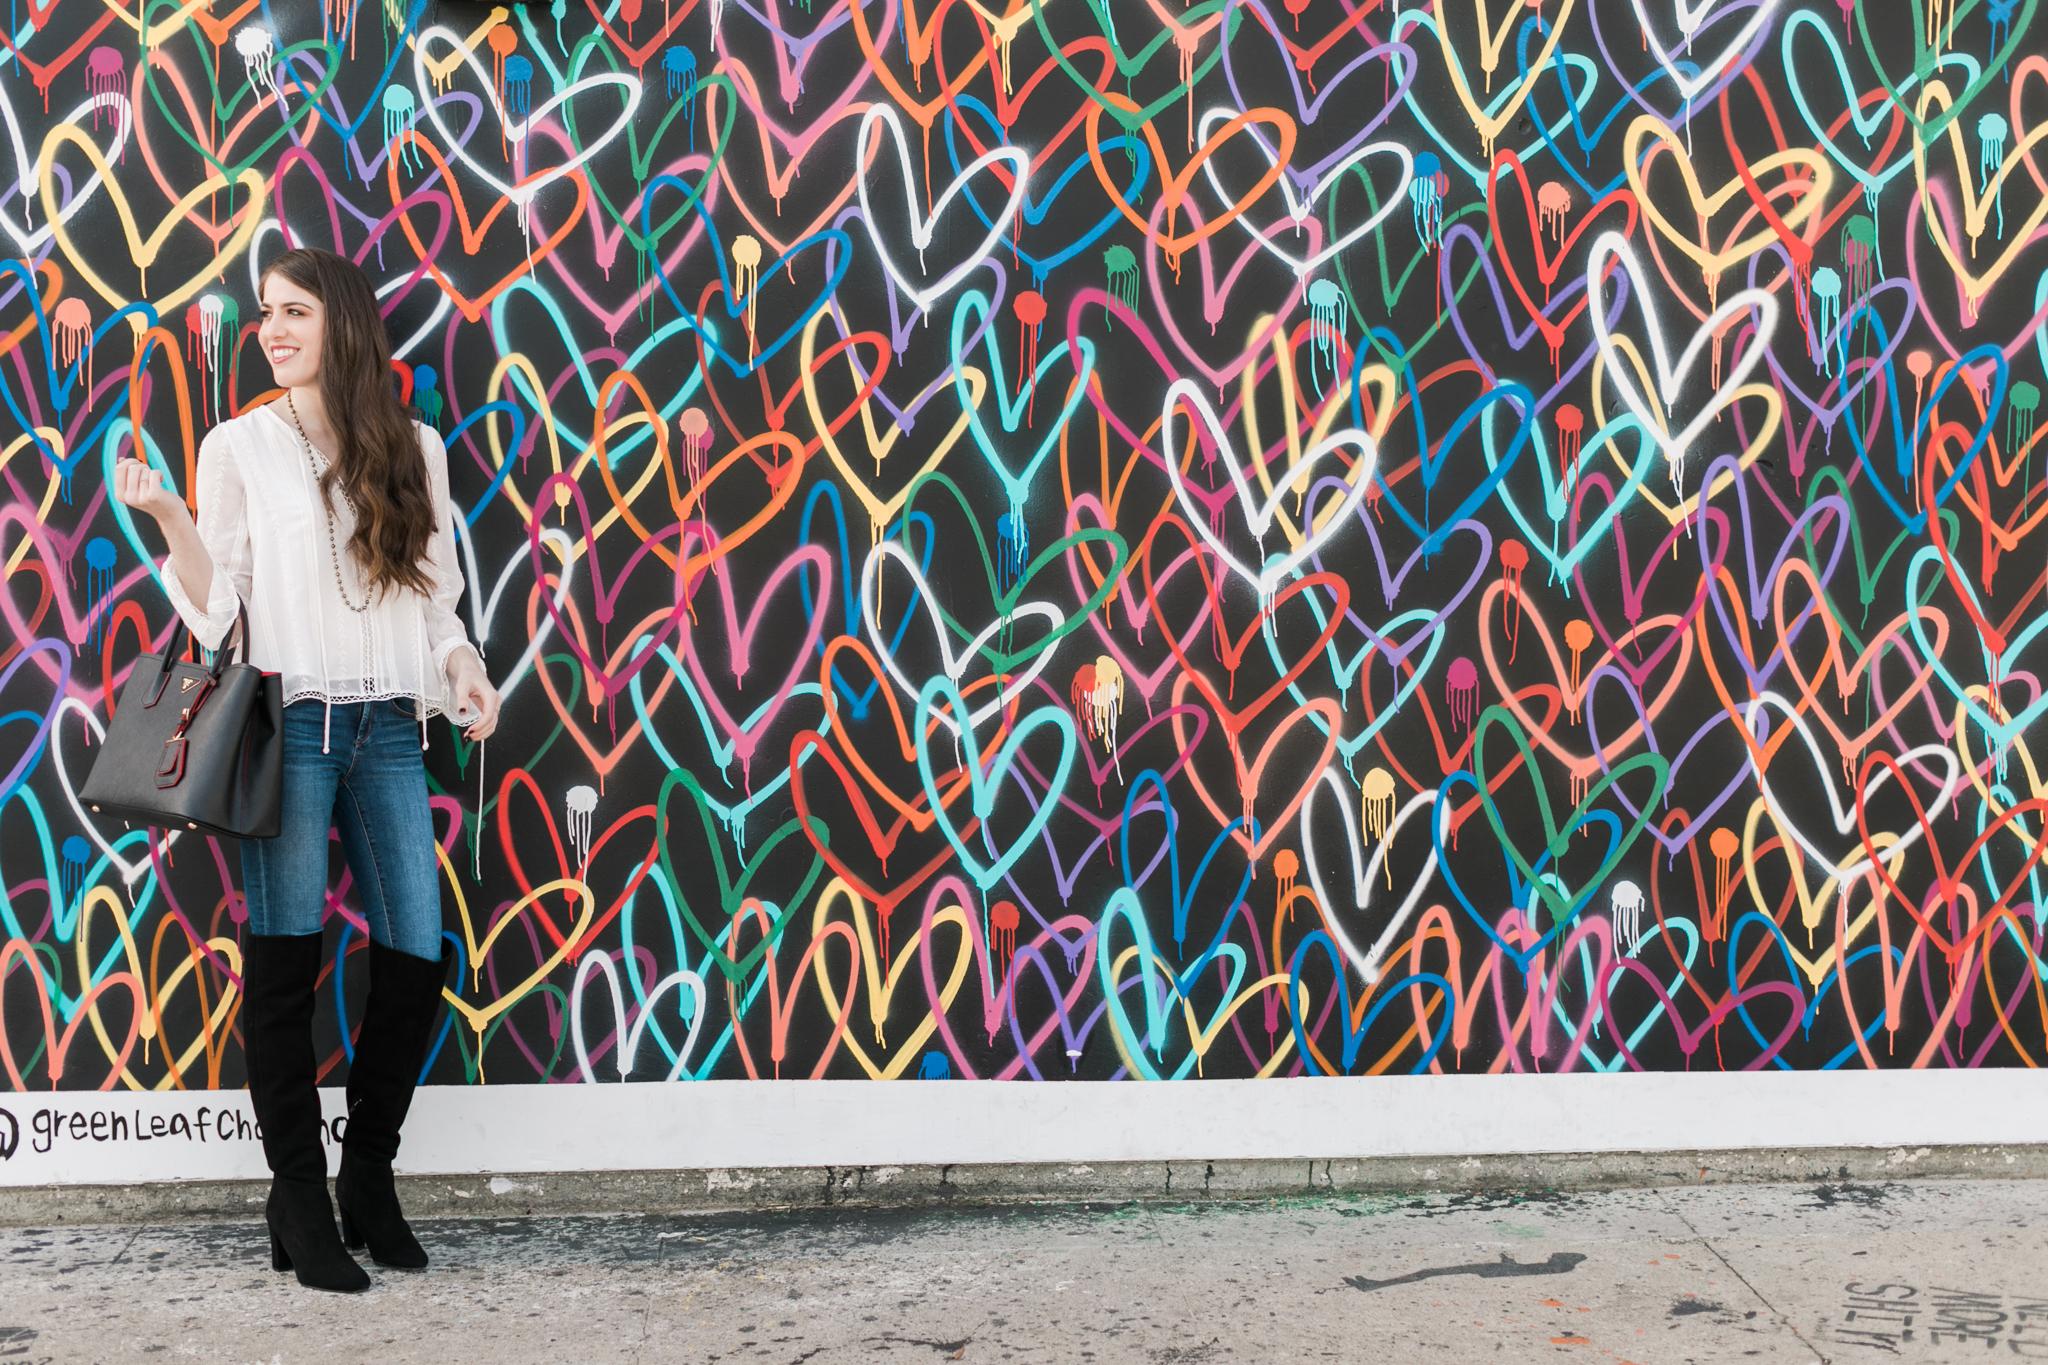 Hearts wall Venice California